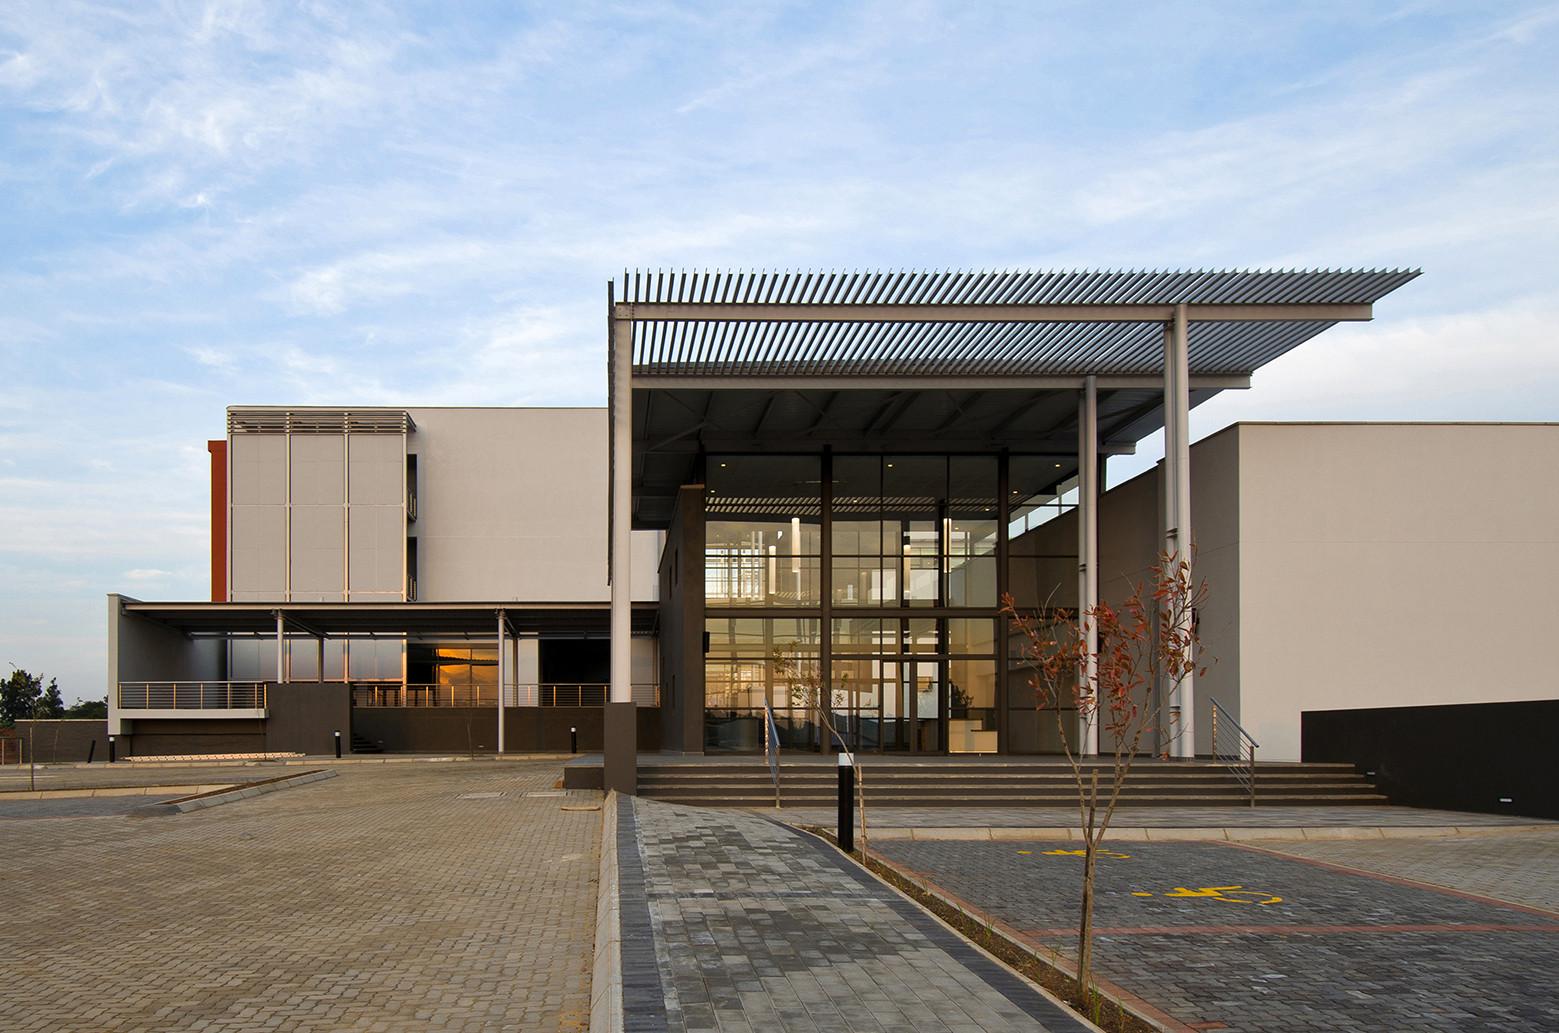 Morvest Headquarters / Anthrop Architects, © Dewald van Helsdingen